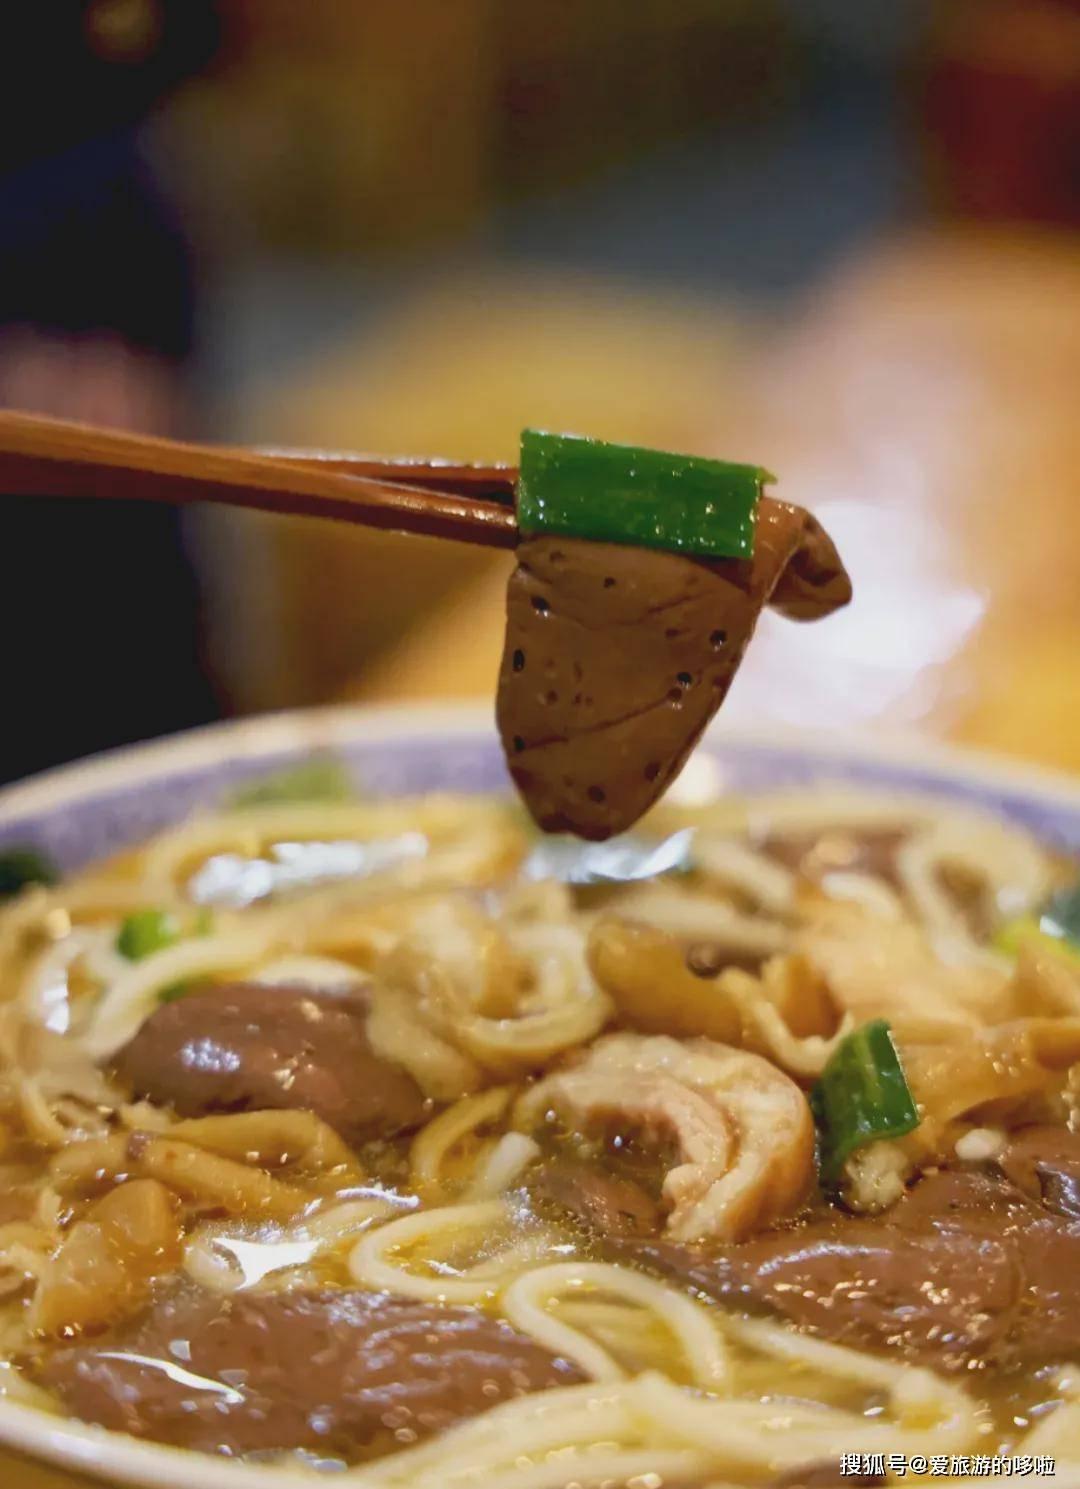 杭州高铁2h,我找到了浙江省内最会吃的地方